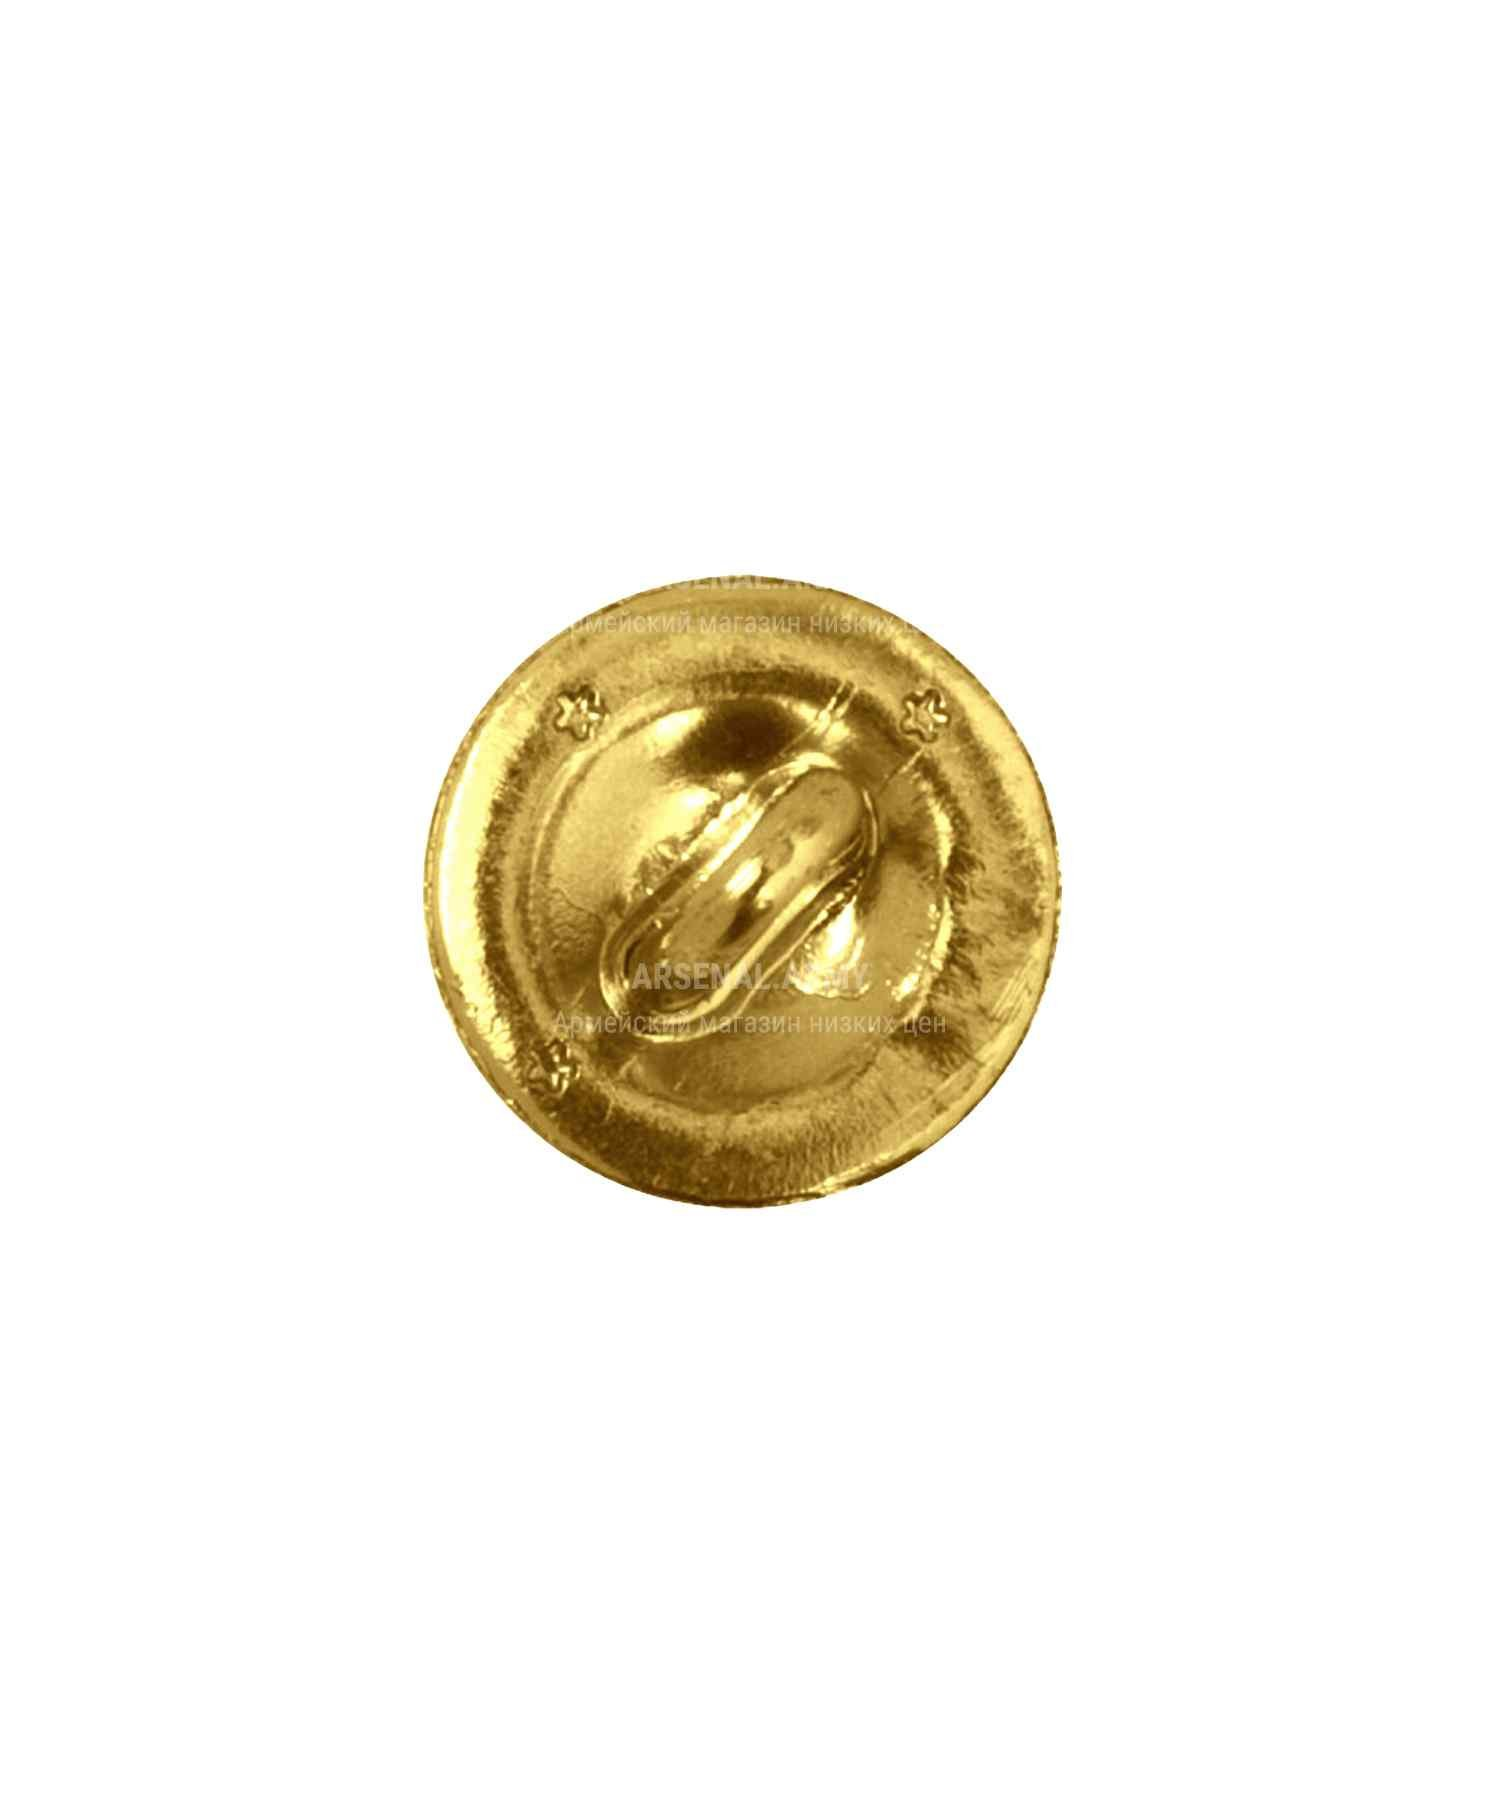 Пуговица МВД желтая 22 мм